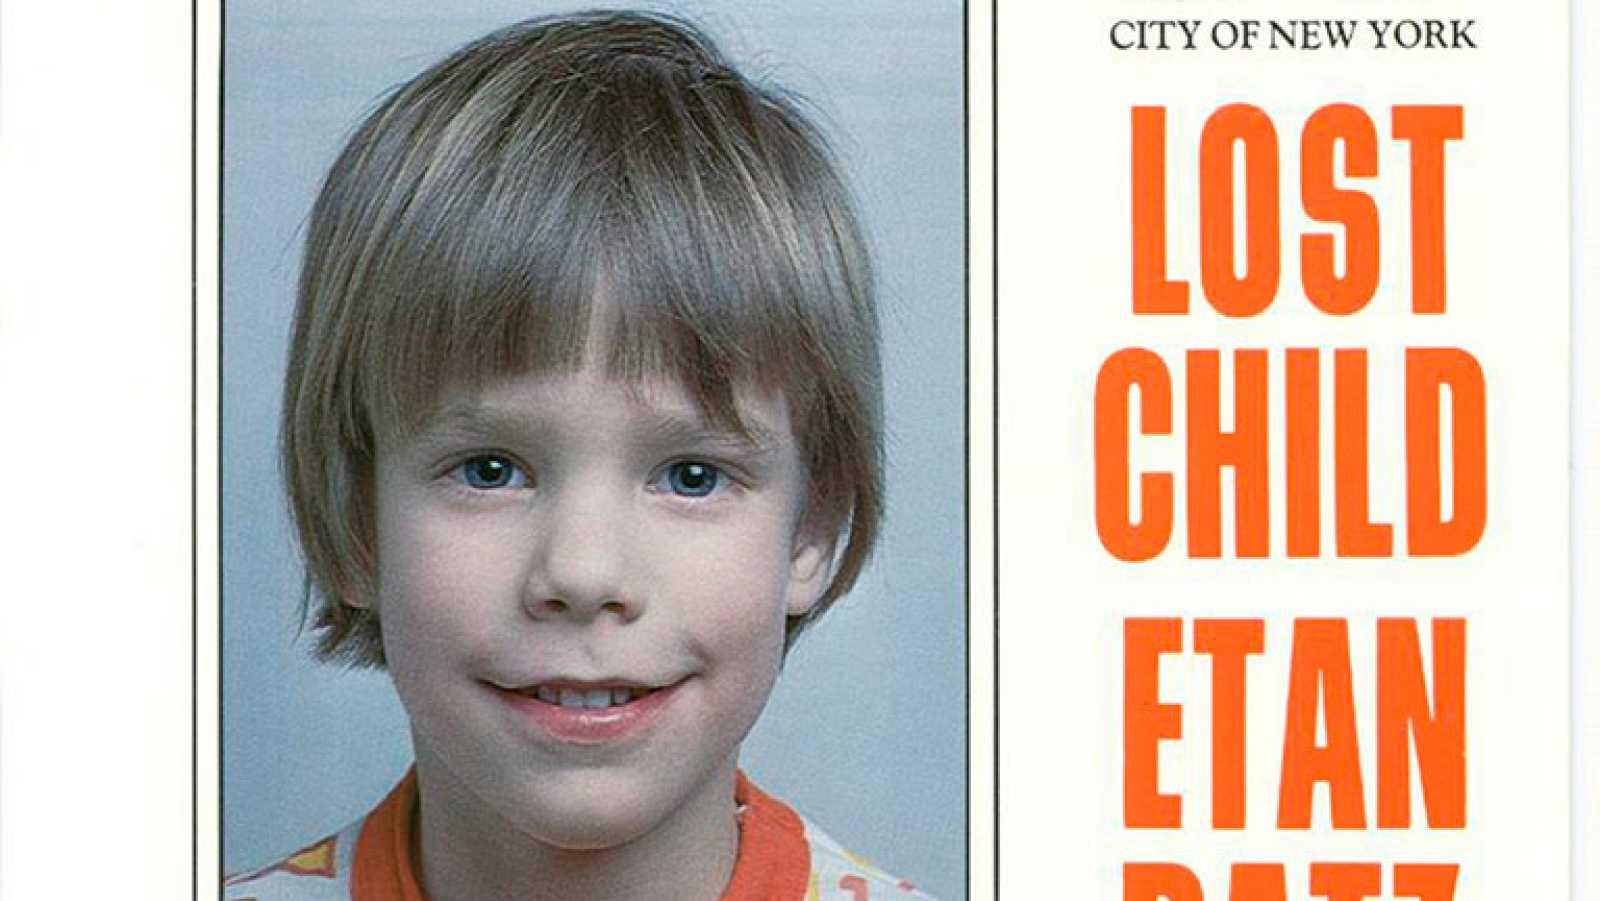 El FBI reanuda la investigación en el caso de un niño desaparecido ...